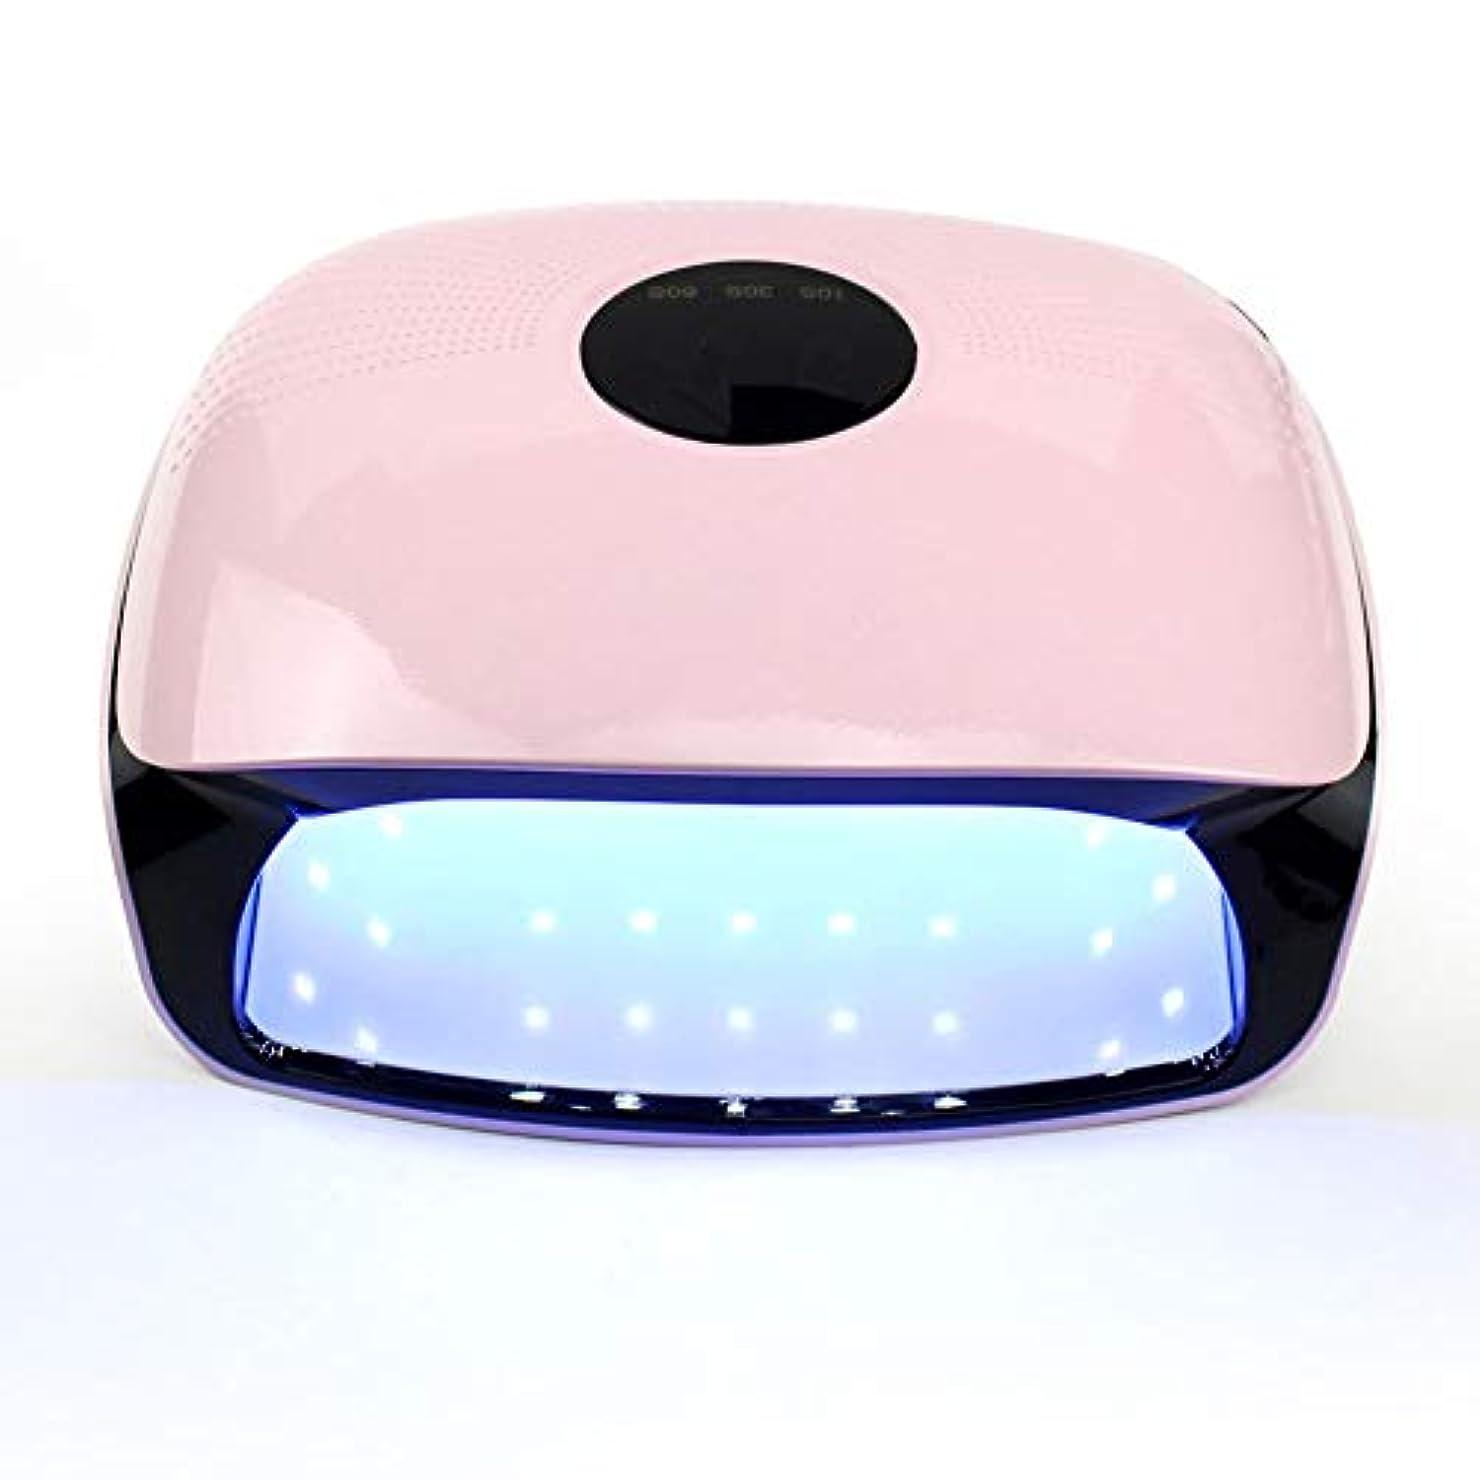 しつけフィットネス苗ネイルドライヤー - 温度保護第3ギアタイミング無痛モード36 LGランプビーズ速乾性機上のLED光線療法機48W